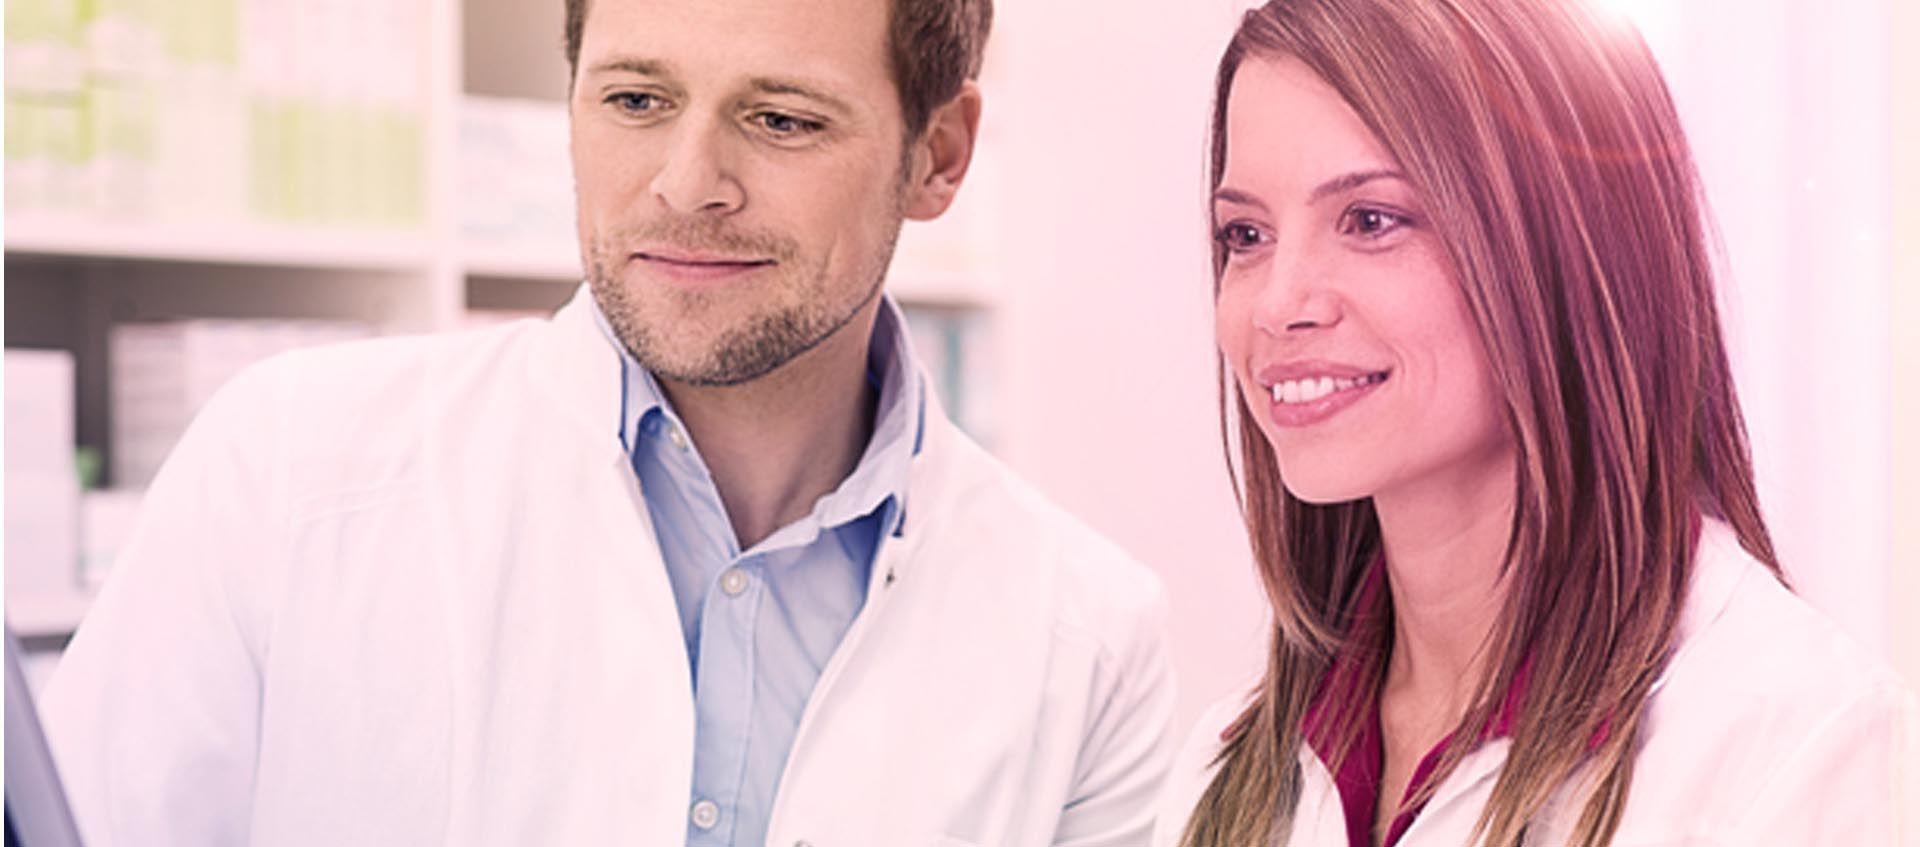 Ensino à Distância em Técnico em Farmácia em Porto Alegre | Factum Graduação e Cursos Técnicos